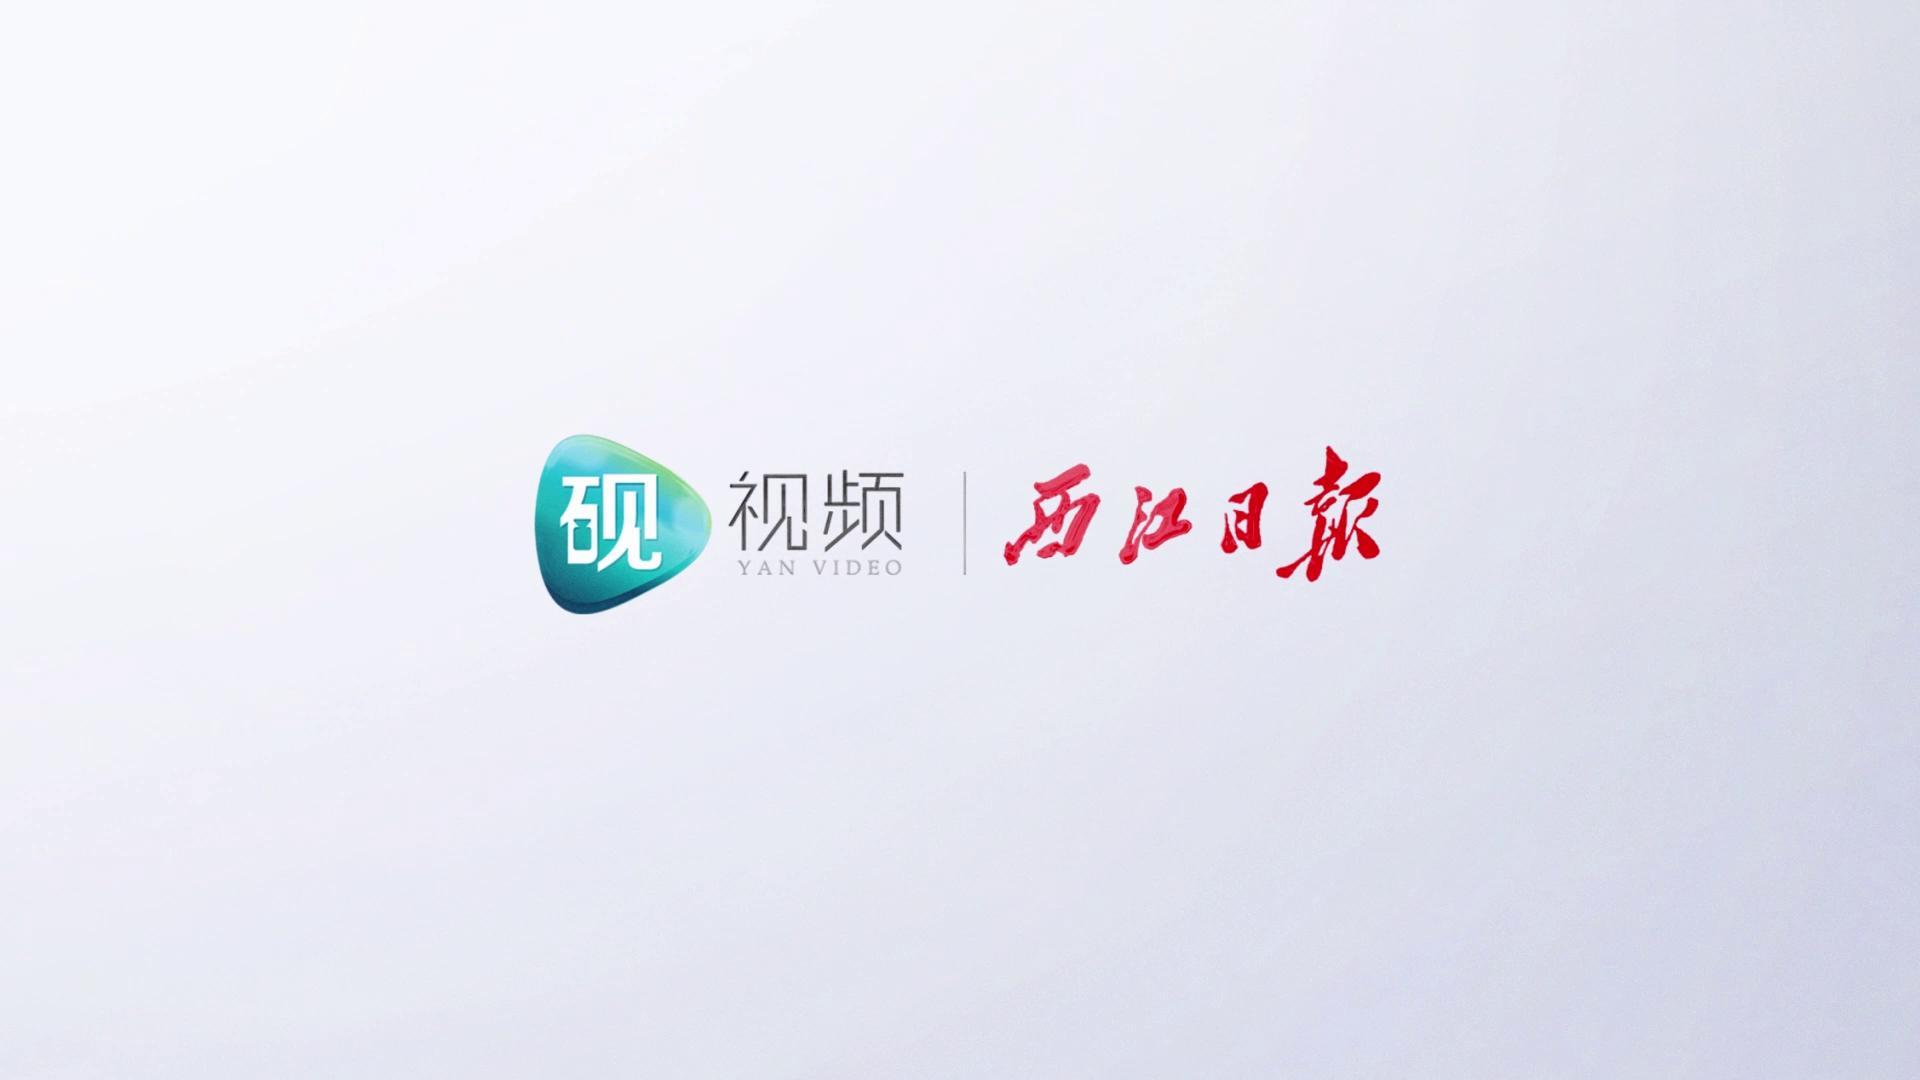 端州供电局党委为群众办实事